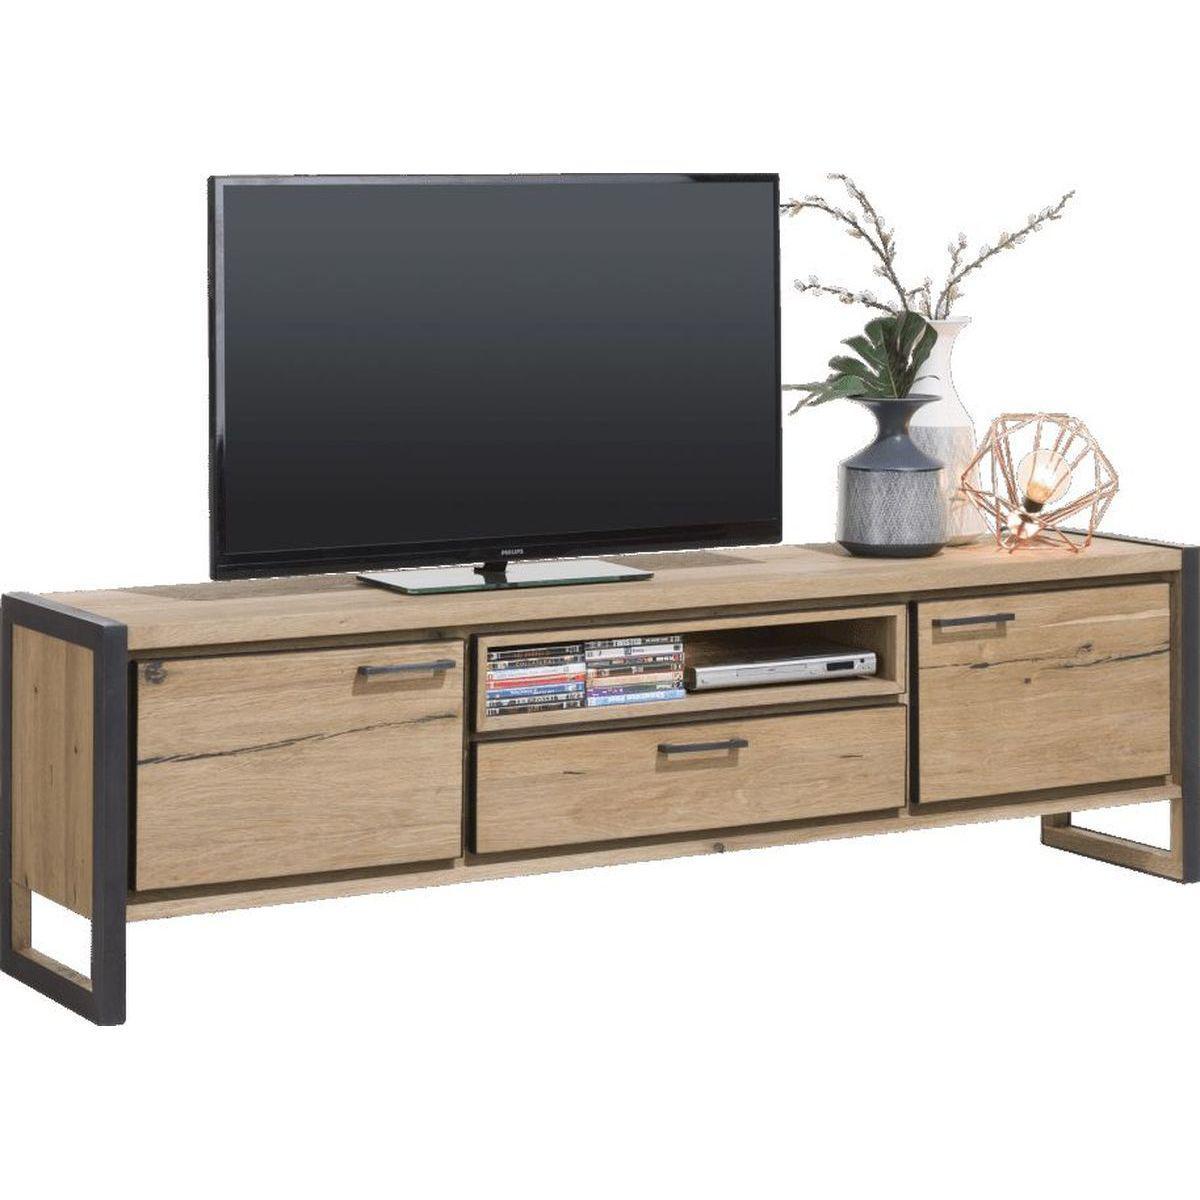 Meubles Henders Et Hazel abitare-living.lu | meuble tv metalo henders & hazel 210cm